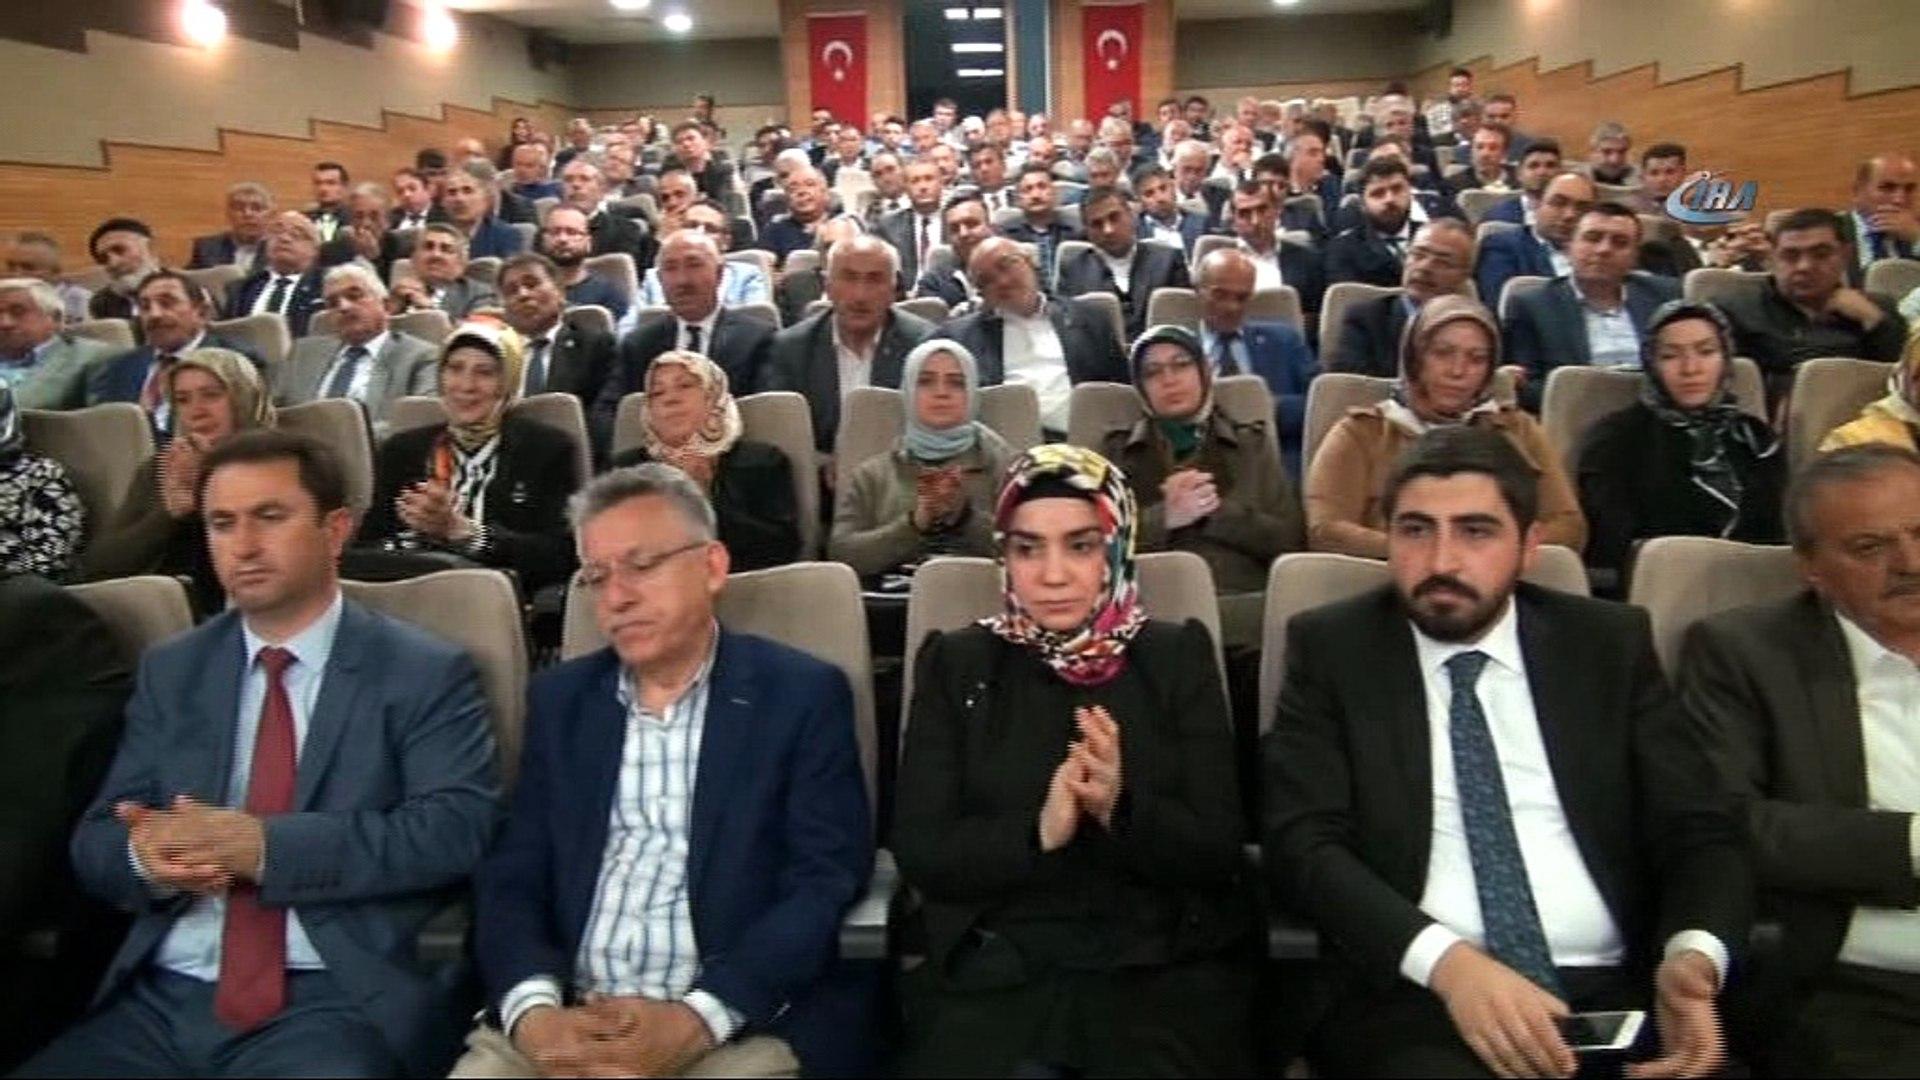 Başbakan Yardımcısı Bozdağ, 'CHP Türkiye'de sistem değişmemiş gibi seçim hazırlığı yapıyor